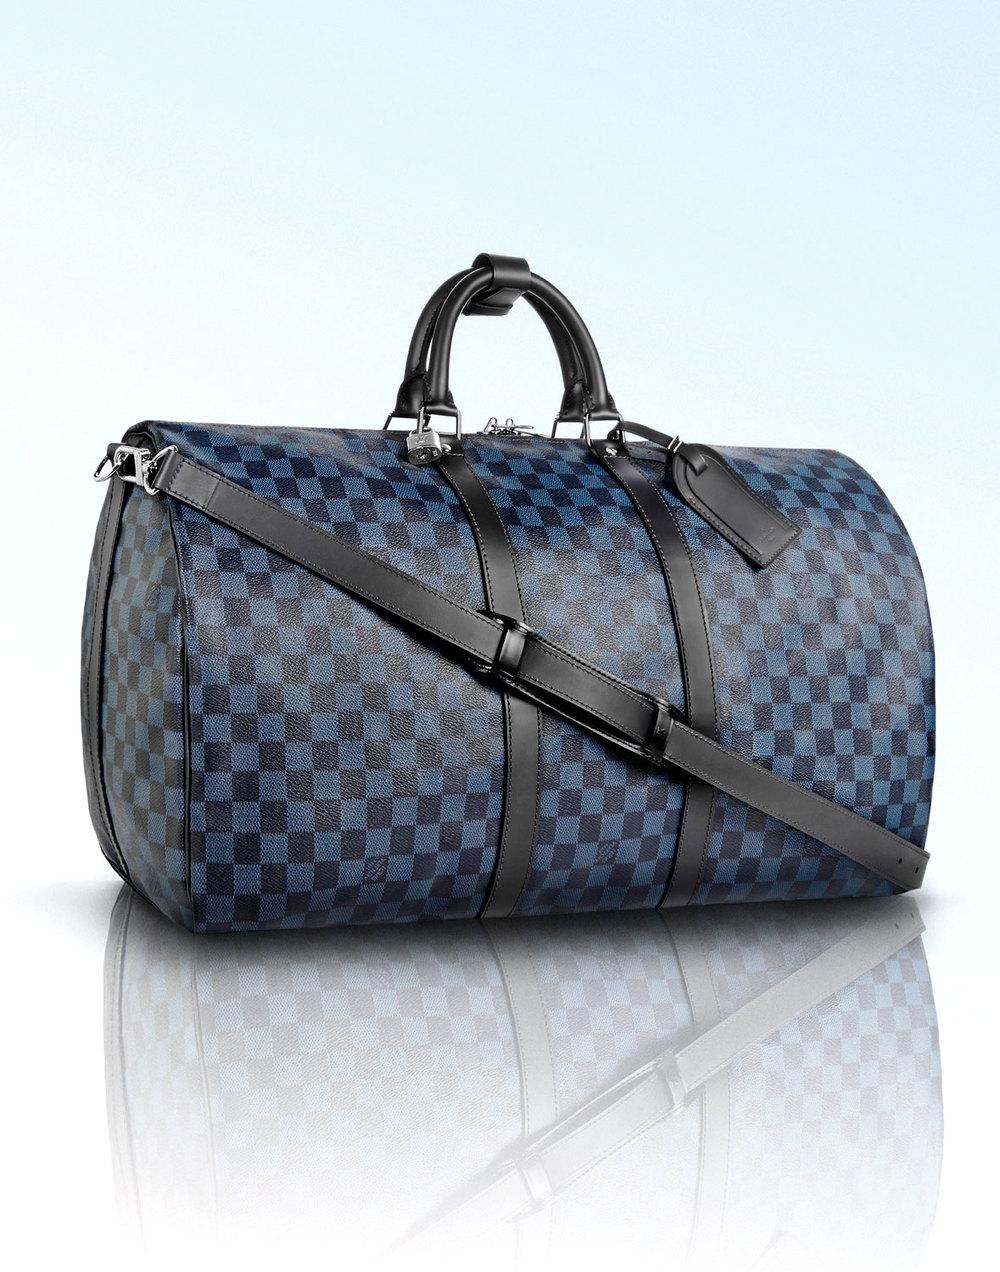 Louis Vuitton Keepball Bag